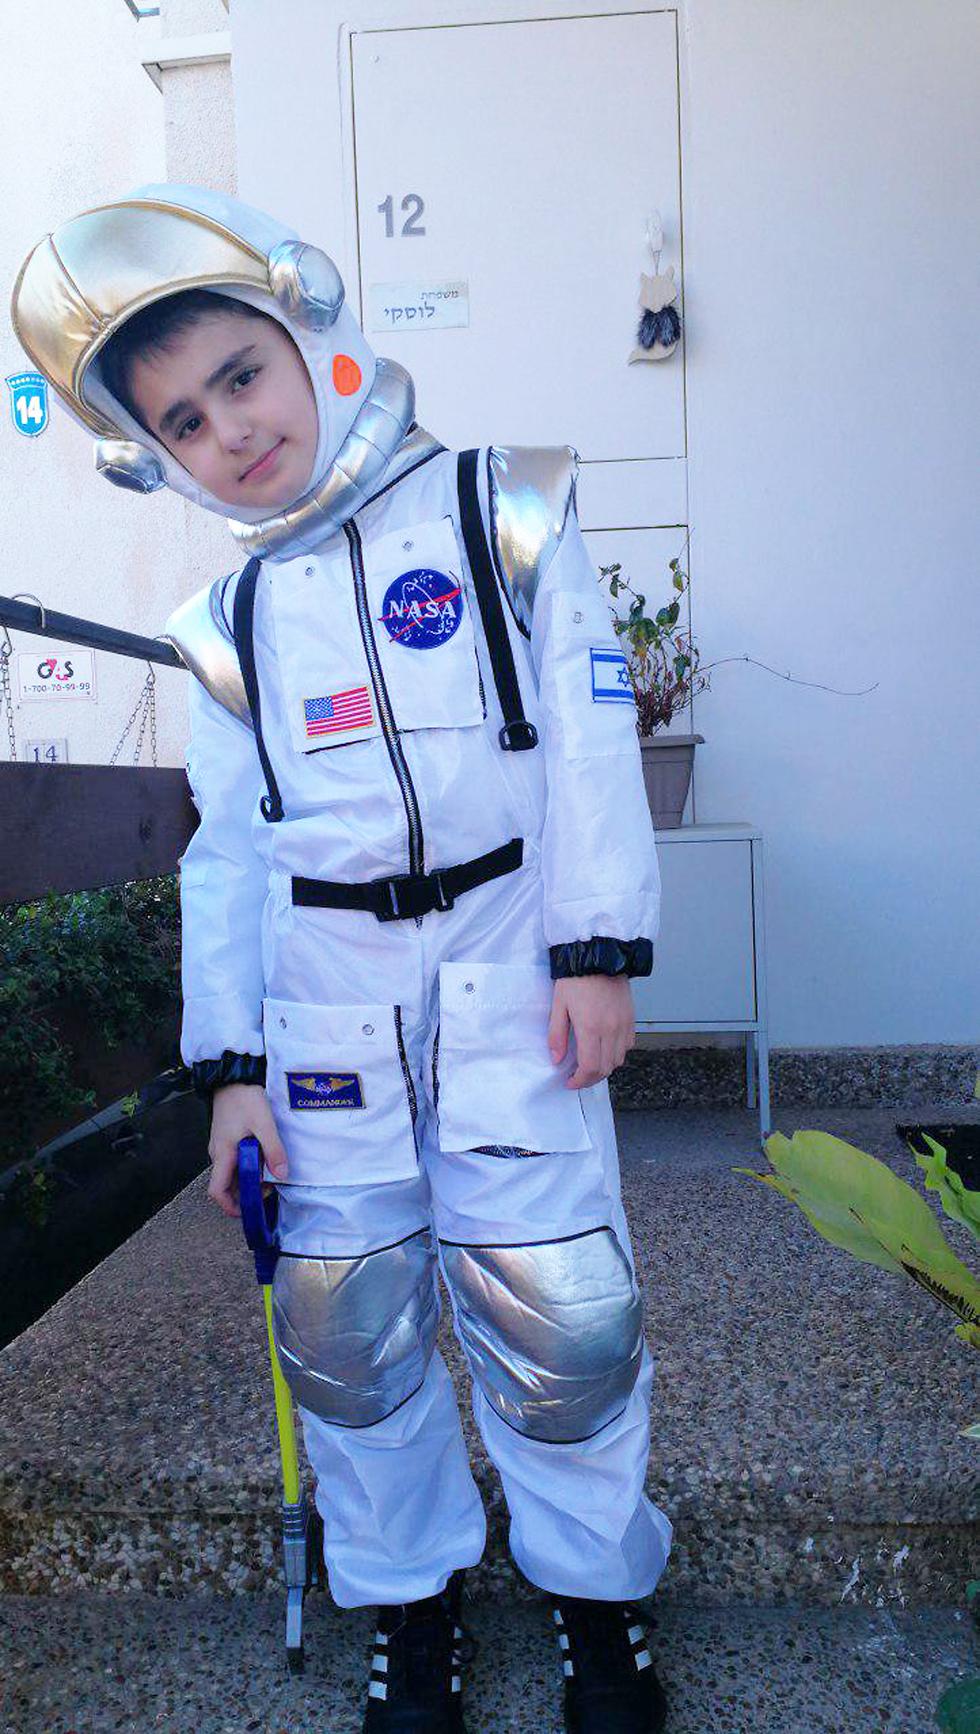 Космонавт. Фото: Хагарь Узиэль